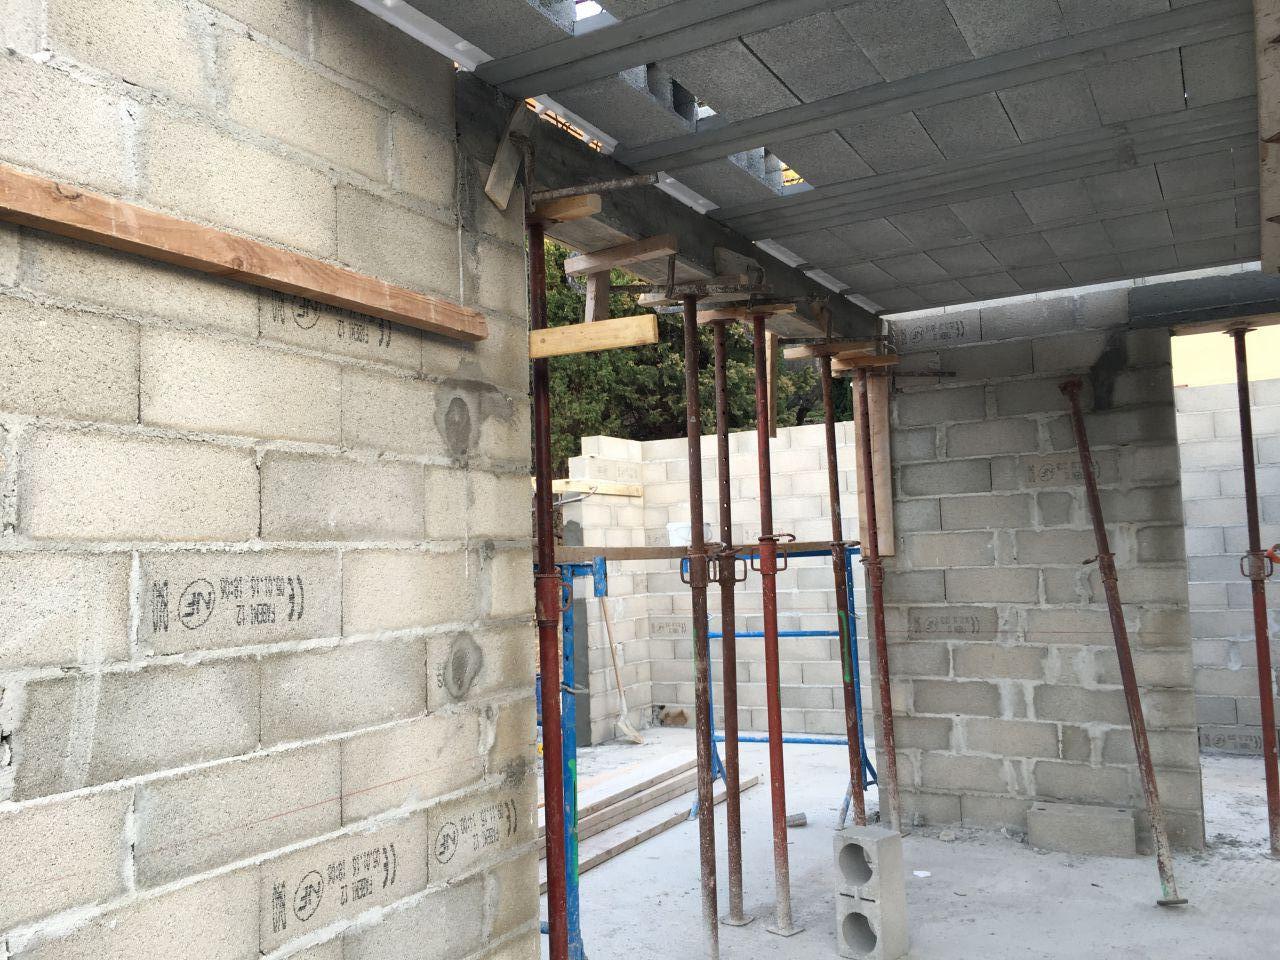 ils sont bientot prets a couler la dalle plancher du 1er etage